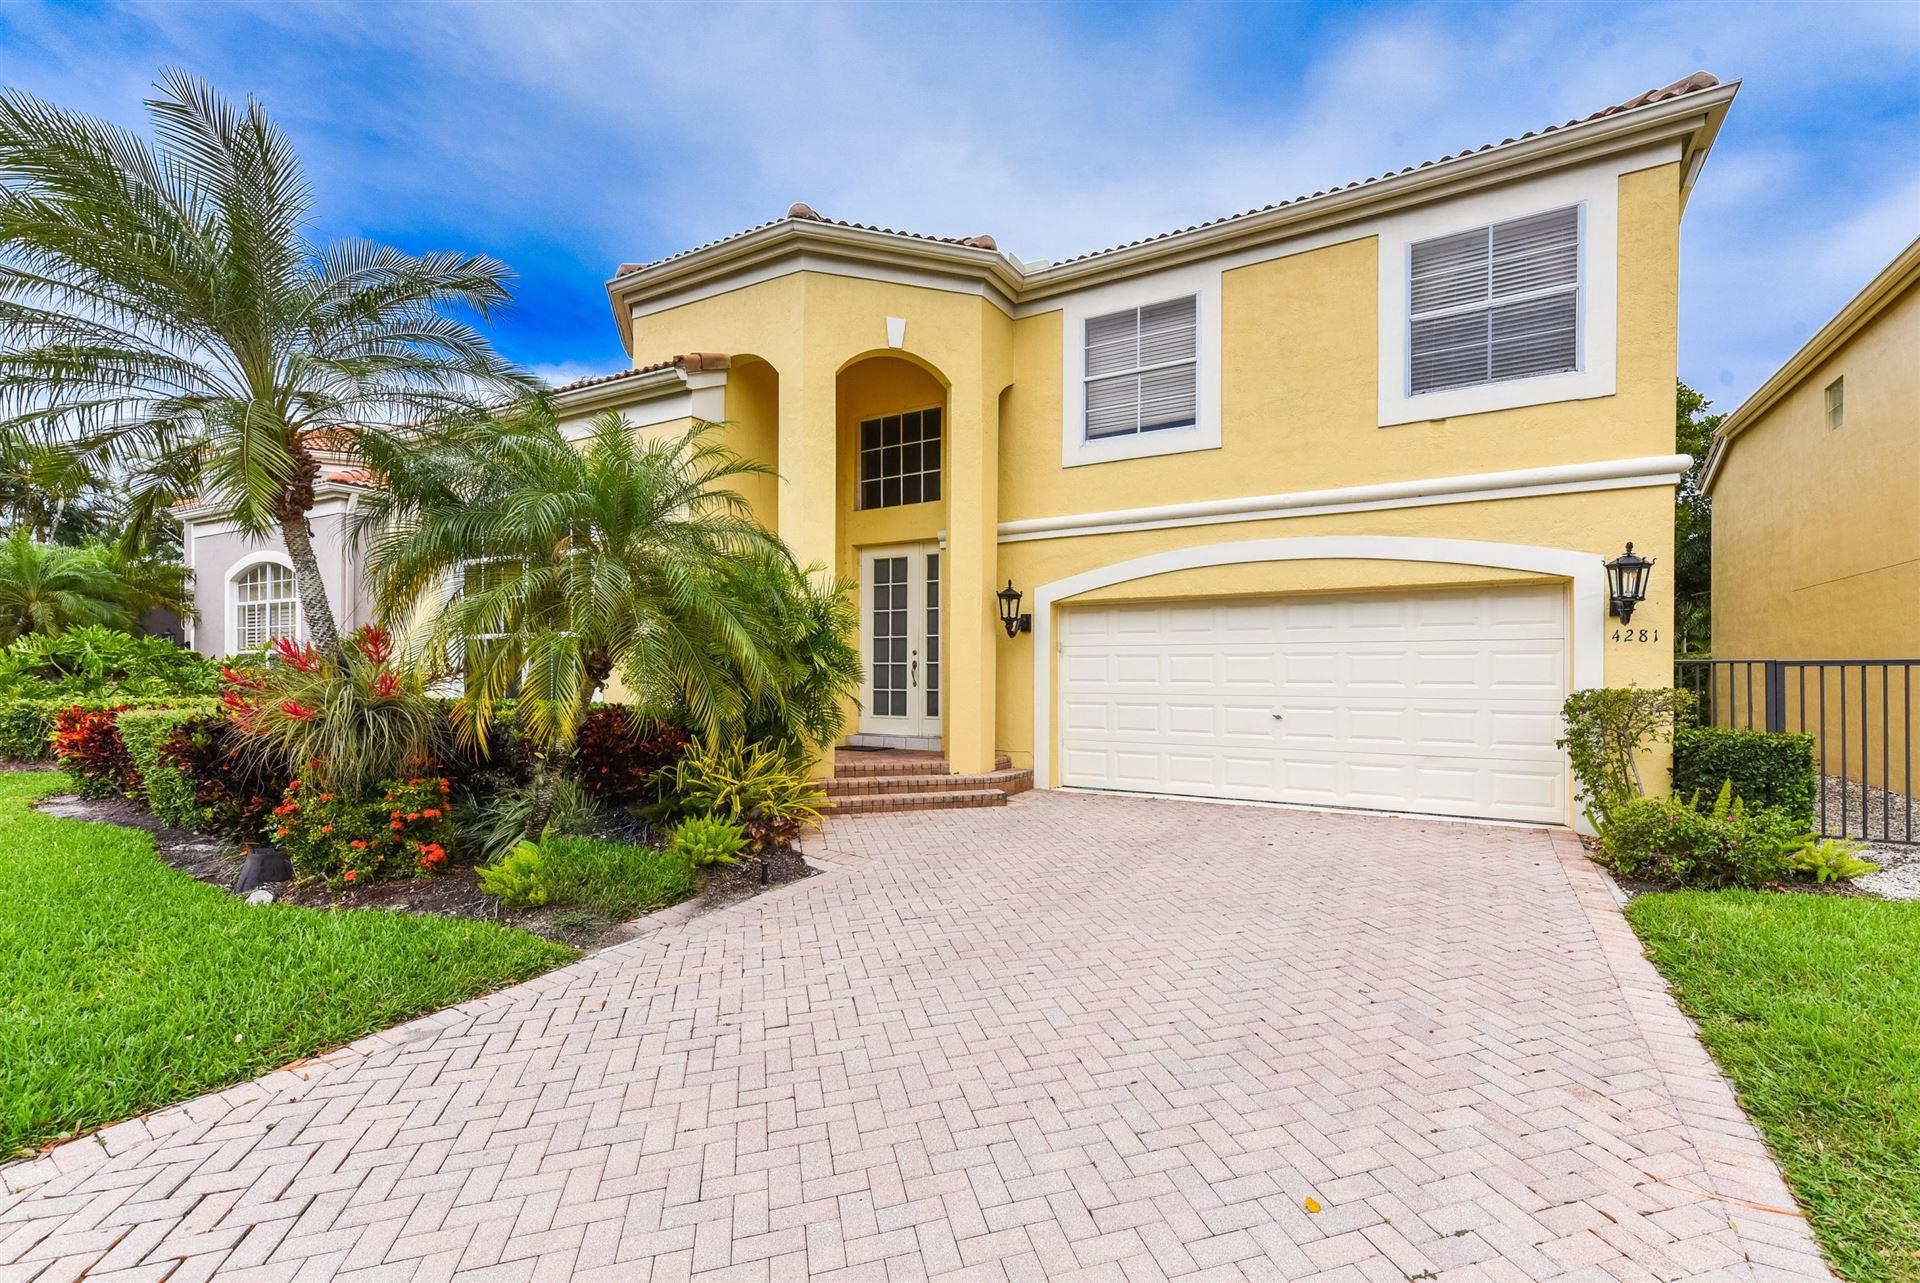 4281 NW 66th Lane, Boca Raton, FL 33496 - #: RX-10647520